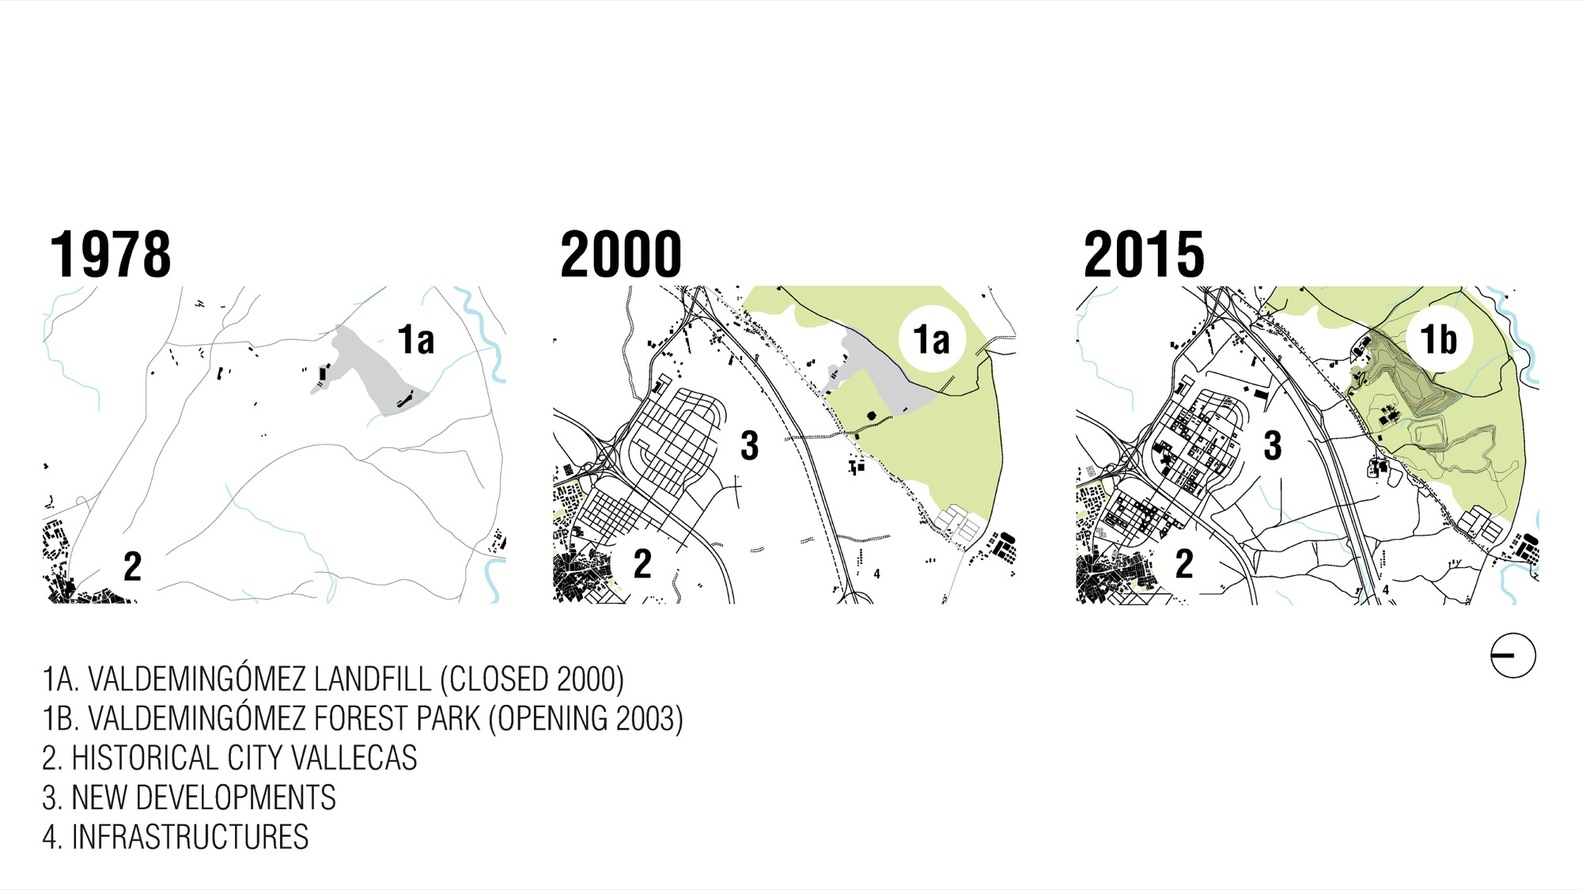 hight resolution of valdemingomez forest park diagram